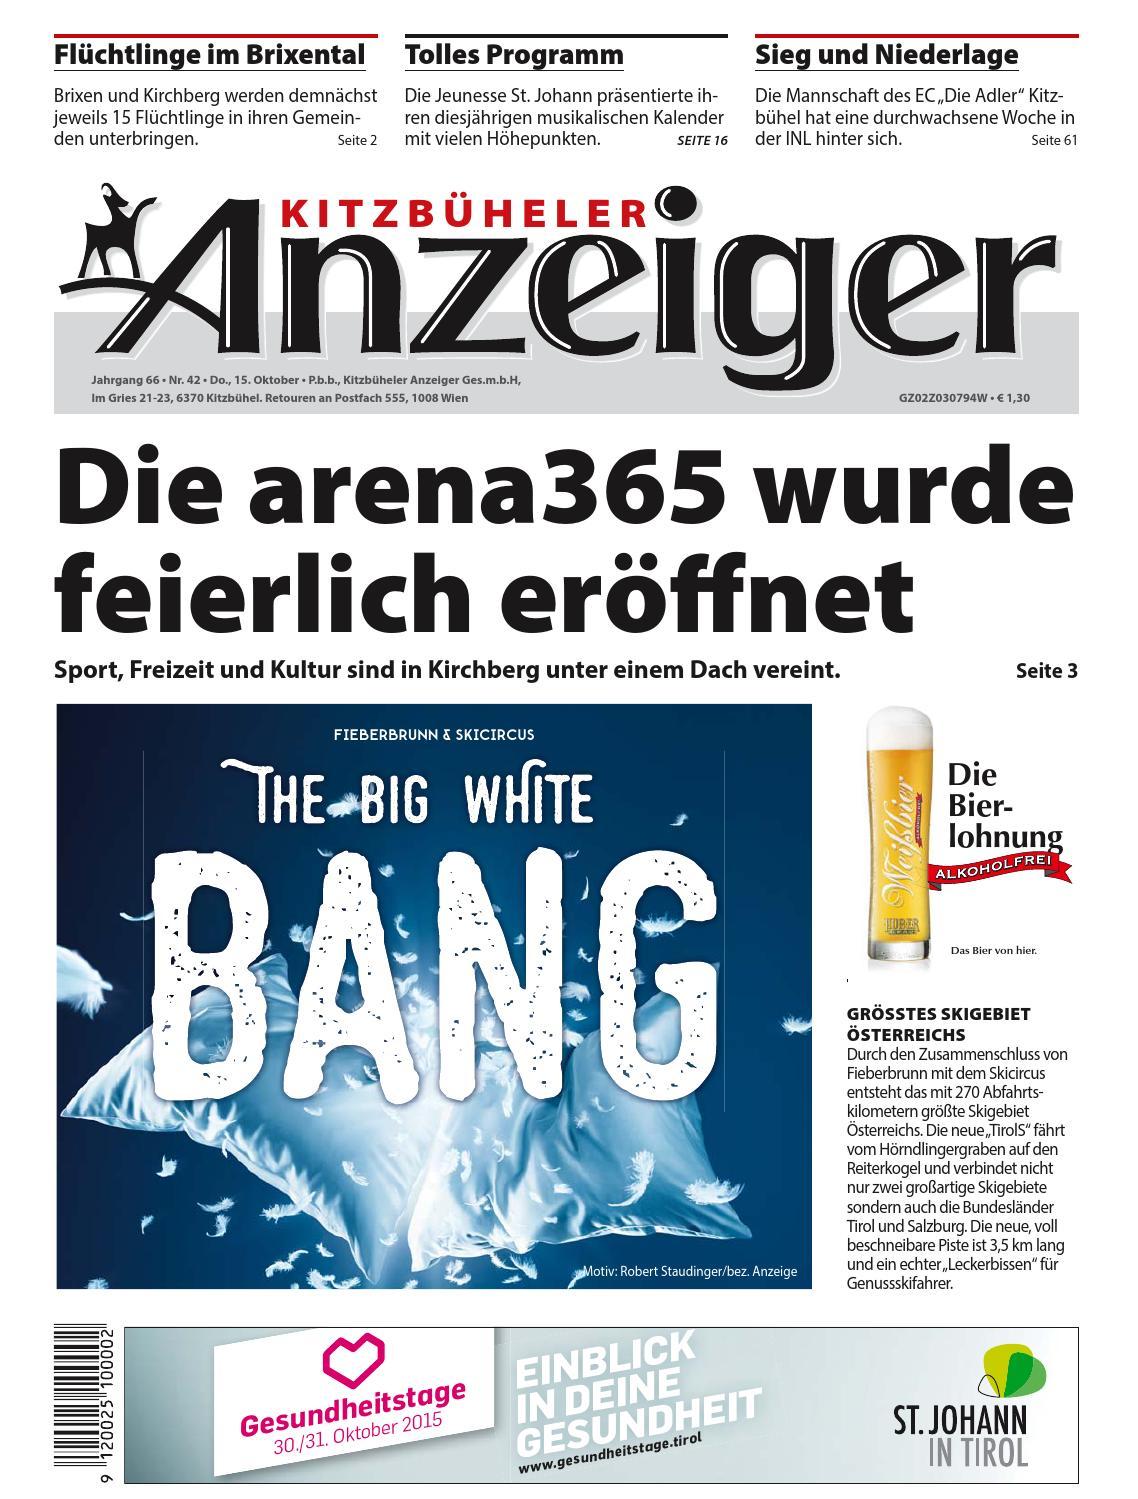 Fassade Reinigen Hausmittel Schön Kitzbüheler Anzeiger Kw 42 2015 by Kitzanzeiger issuu